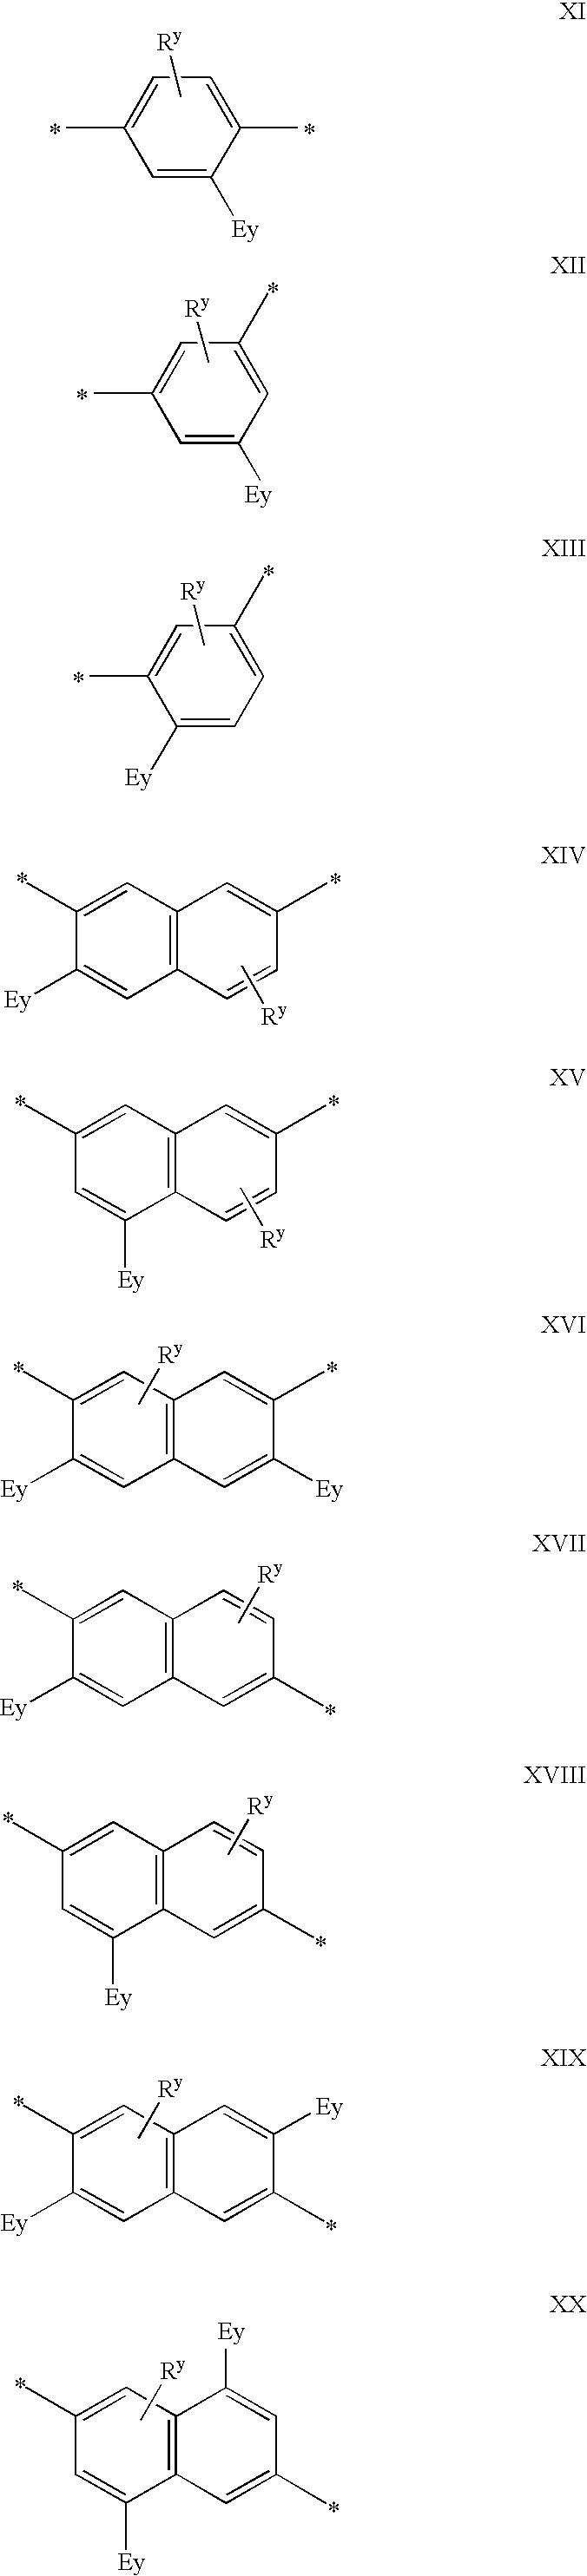 Figure US20040062930A1-20040401-C00006